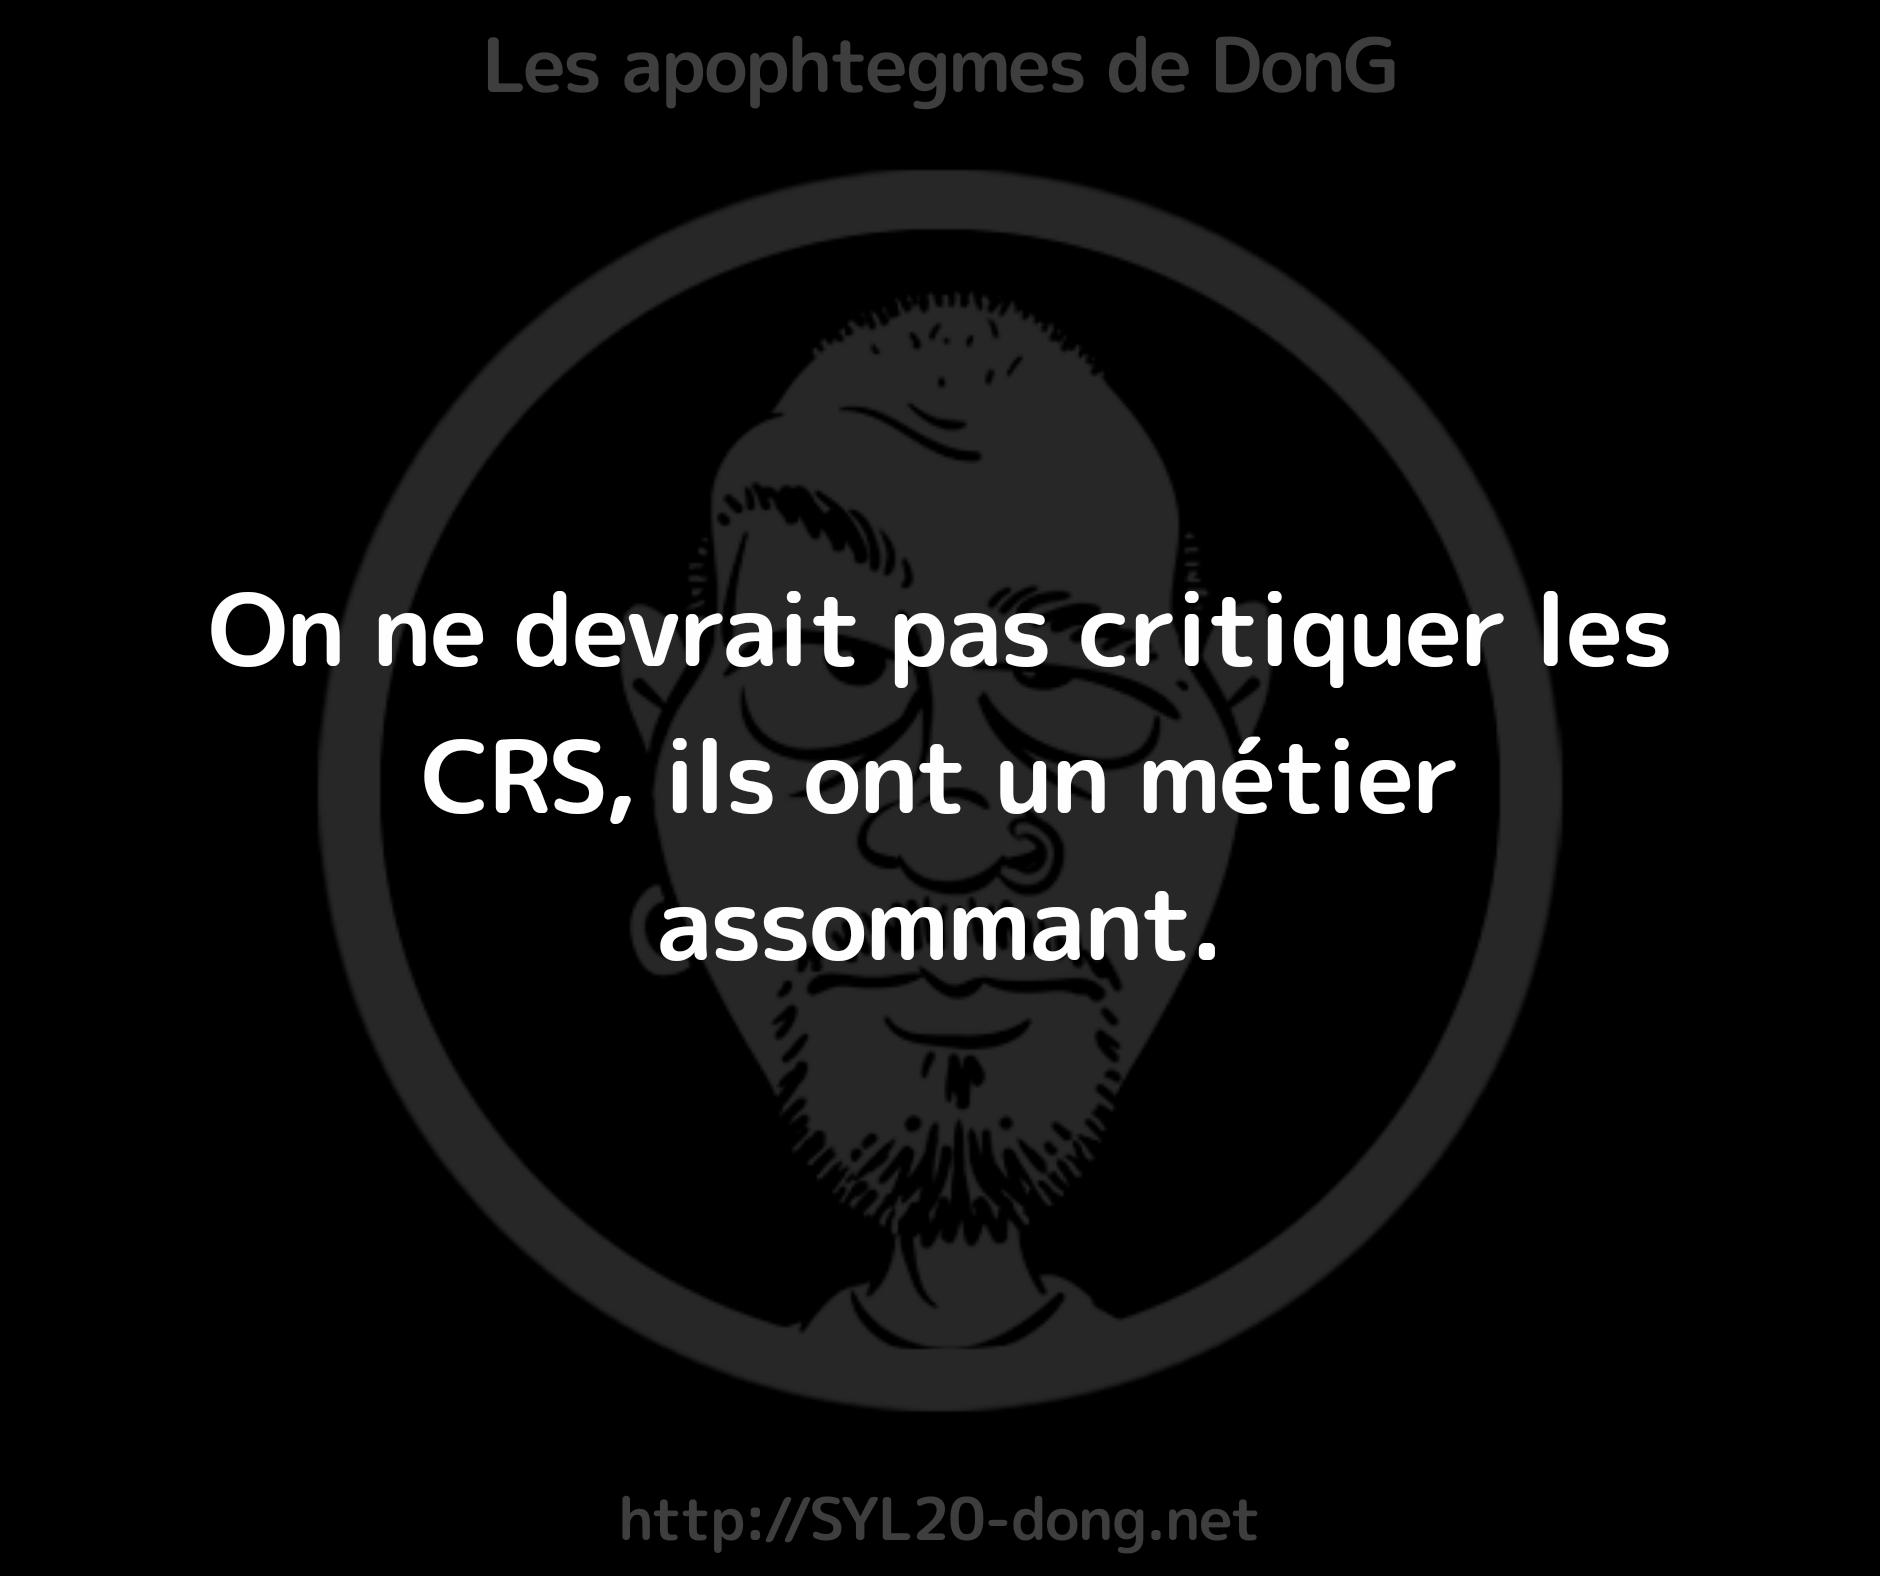 CRS. On ne devrait pas critiquer les CRS, ils ont un métier assommant.